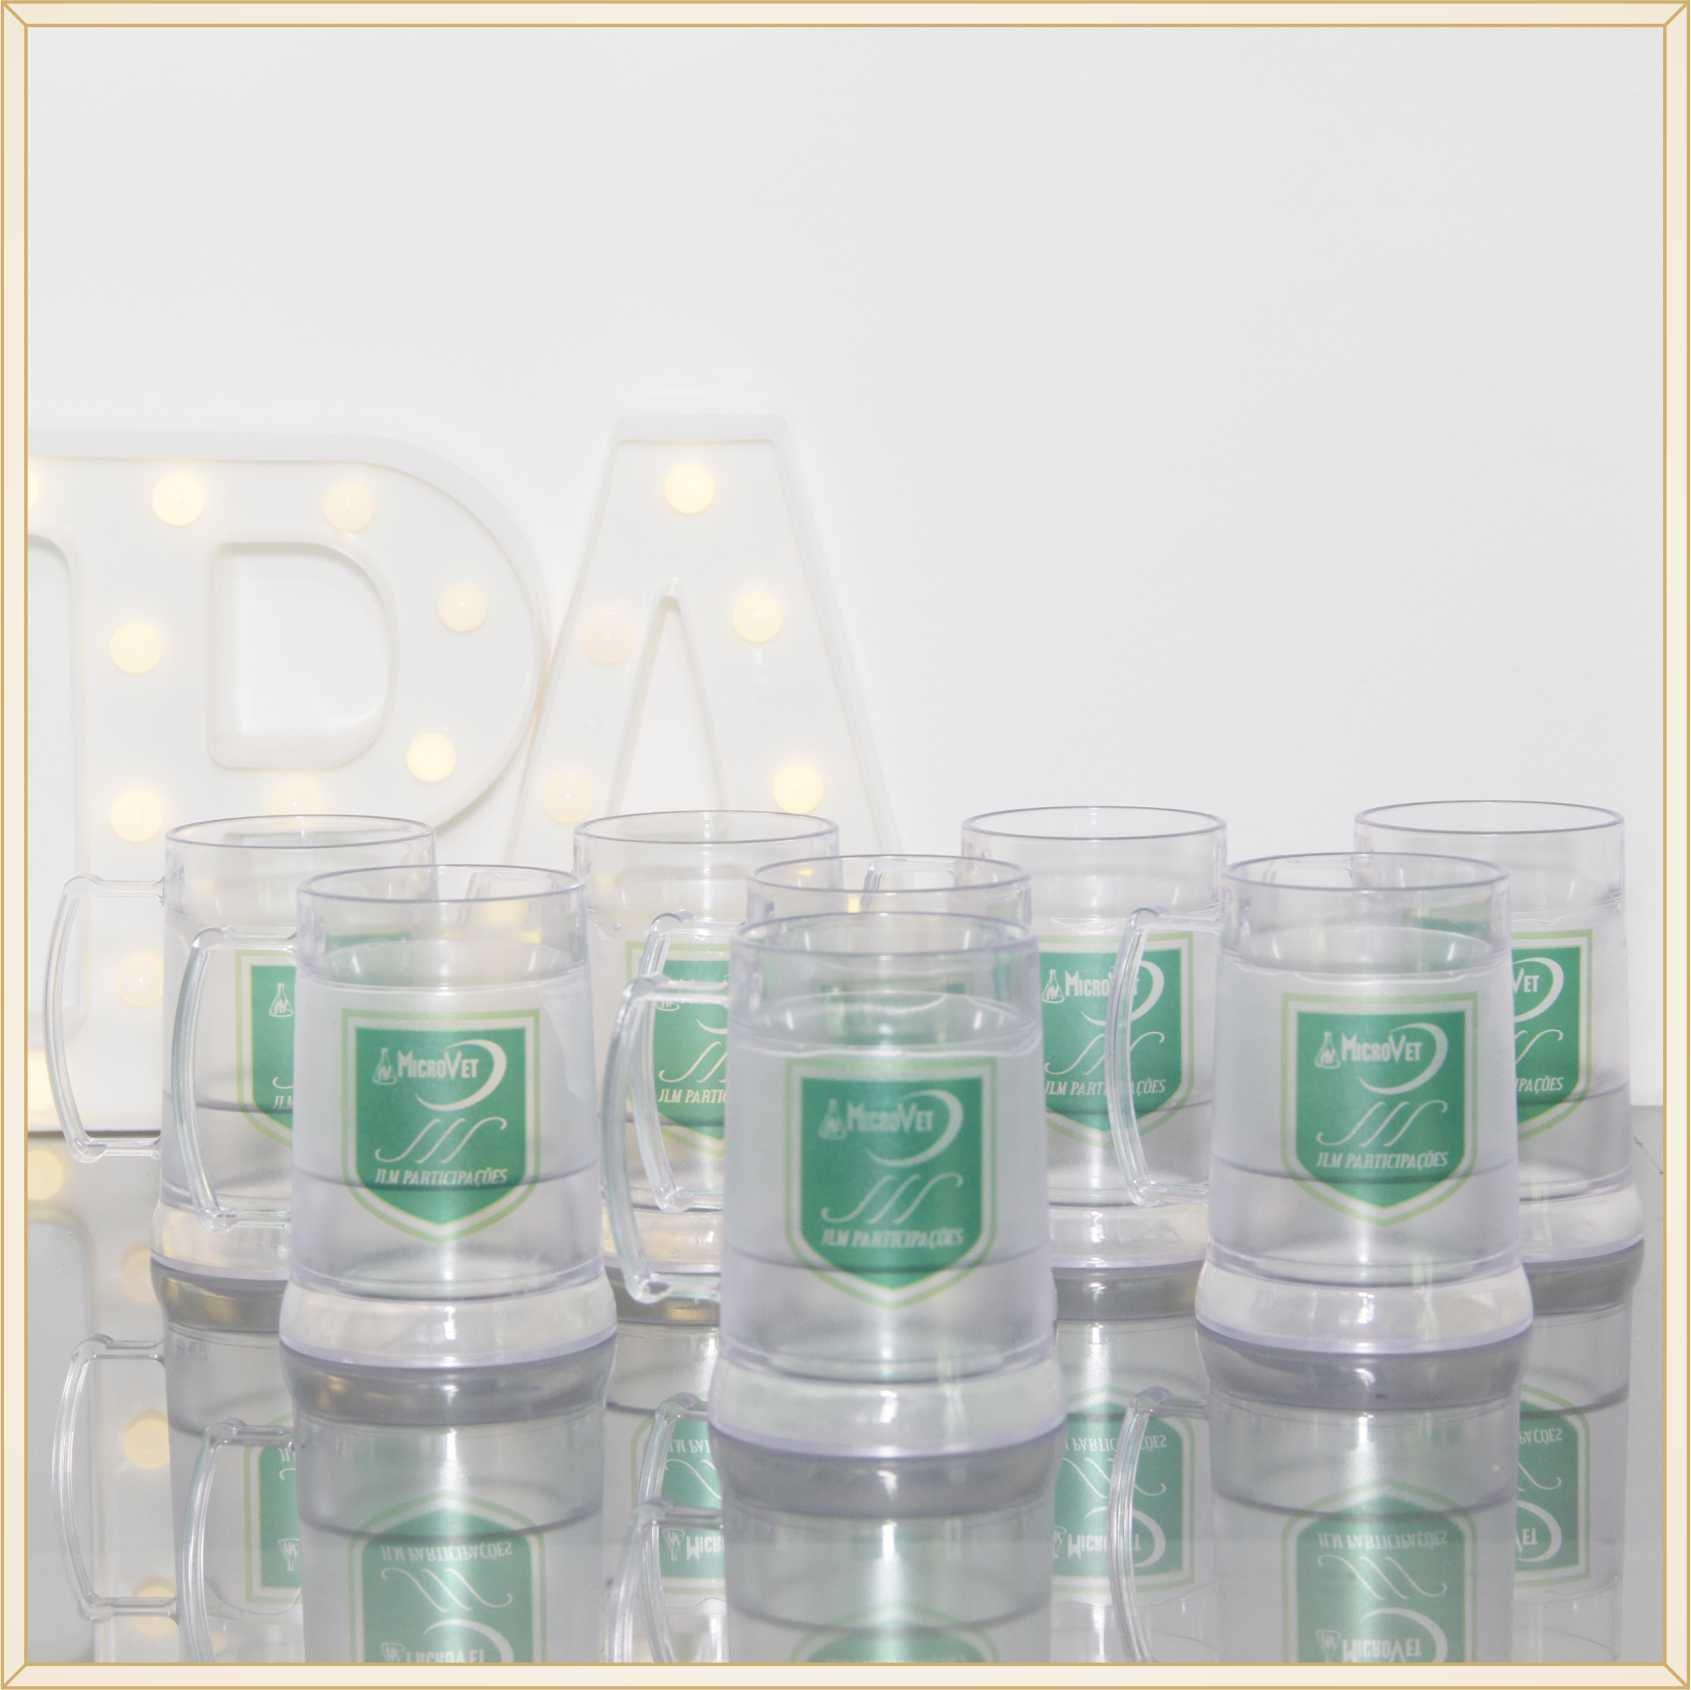 12 Canecas de acrílico gel congelante para brindes empresariais personalizados para feiras e eventos corporativos